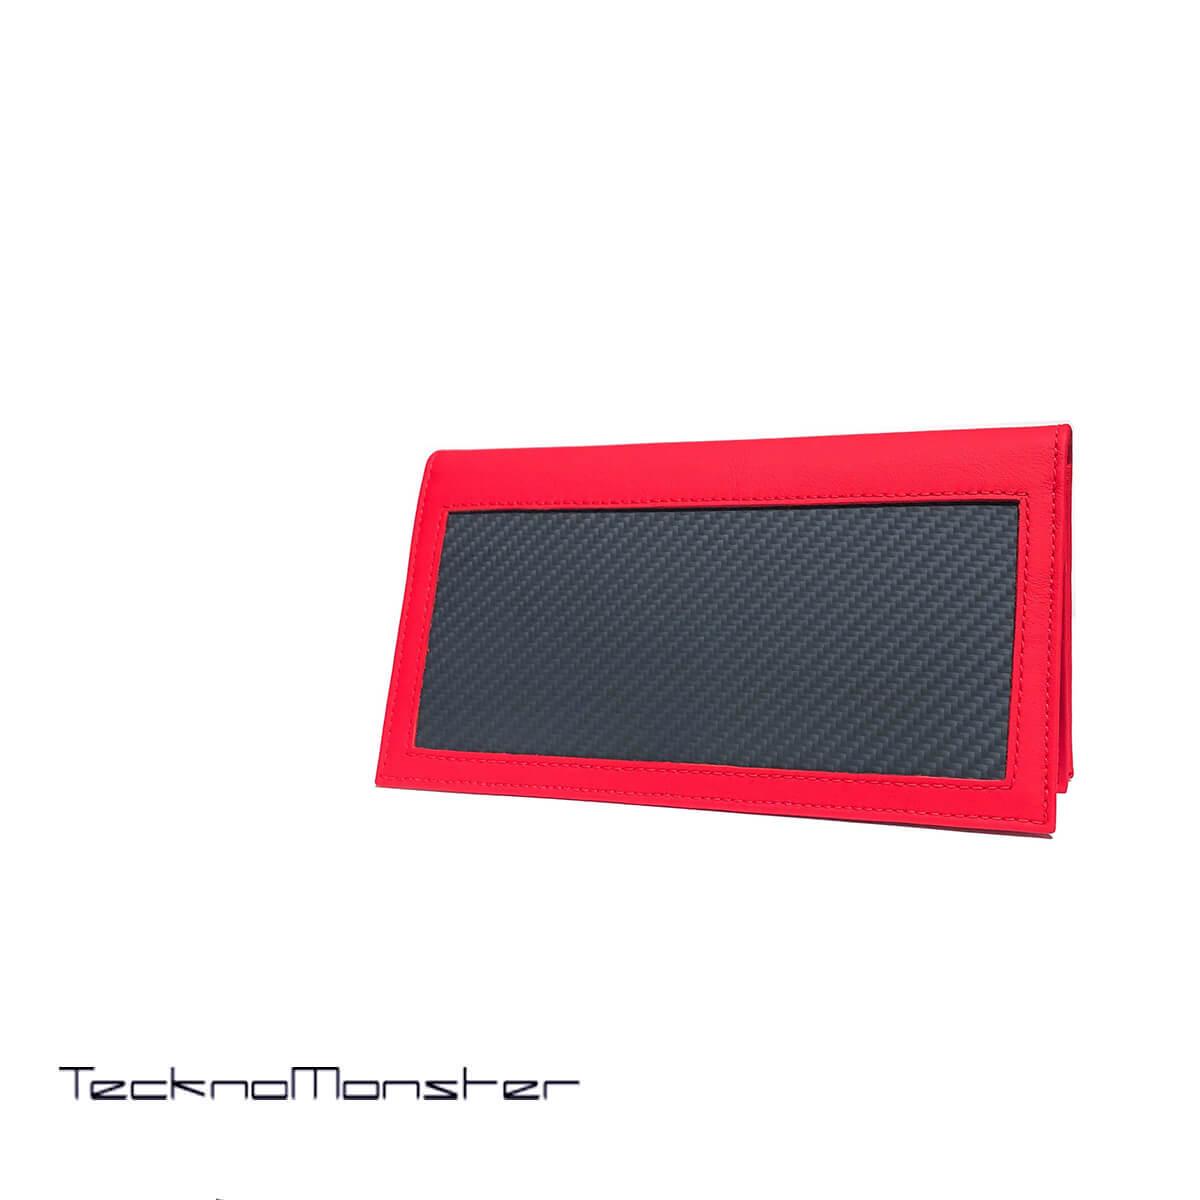 TecknoMonster (テクノモンスター)長財布 財布 札入れ  カーボンファイバー カーフレザー おしゃれ